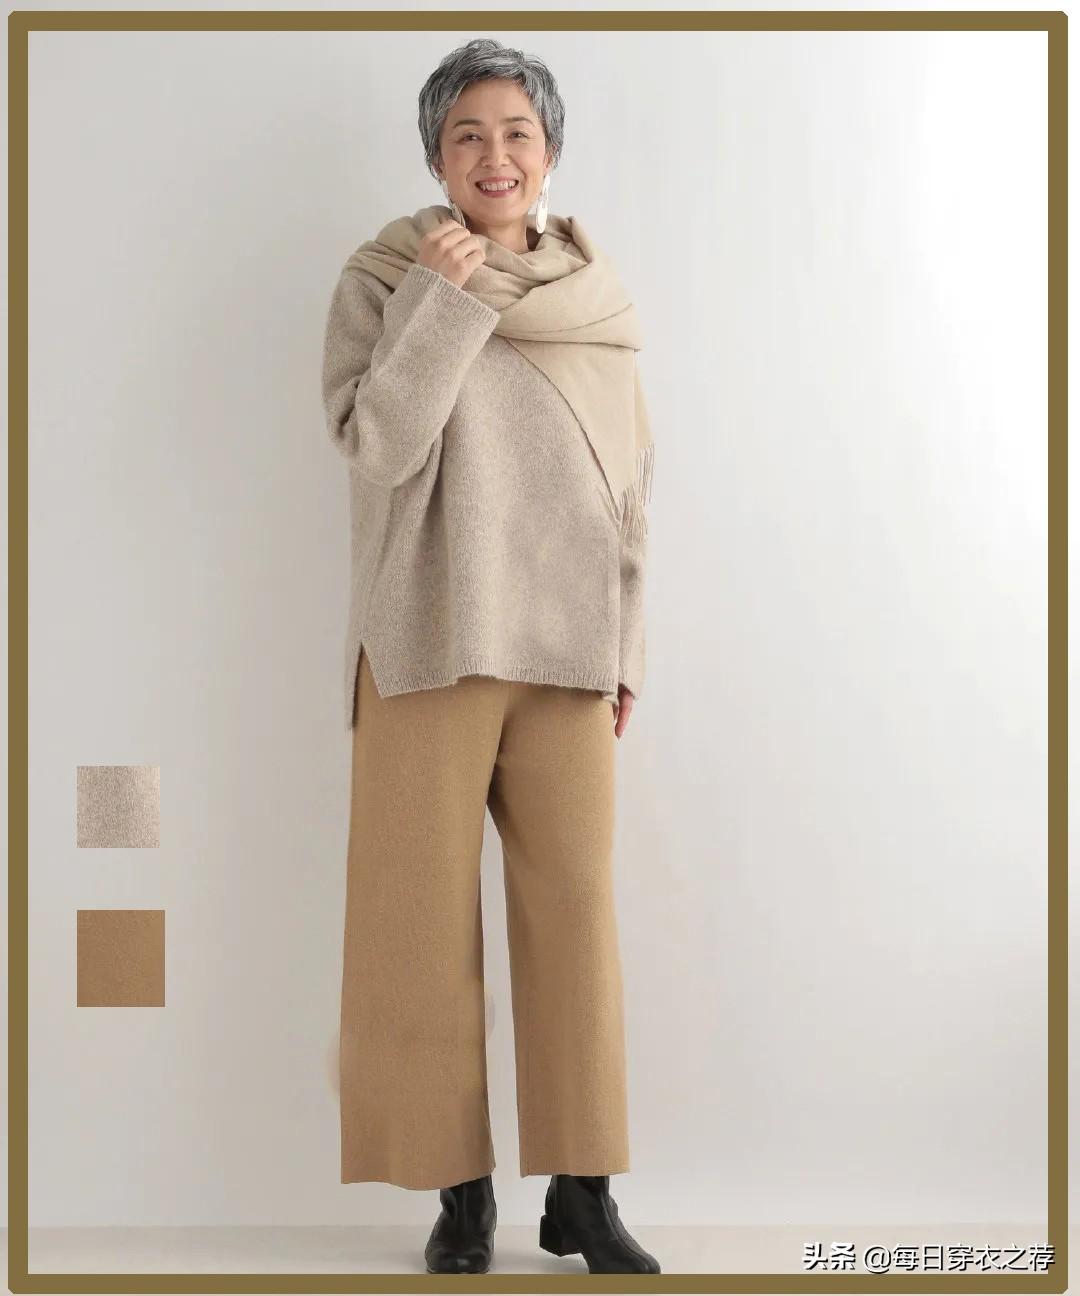 """60岁""""极简奶奶""""时髦上热搜,气质不输年轻人,自信女人才最美"""